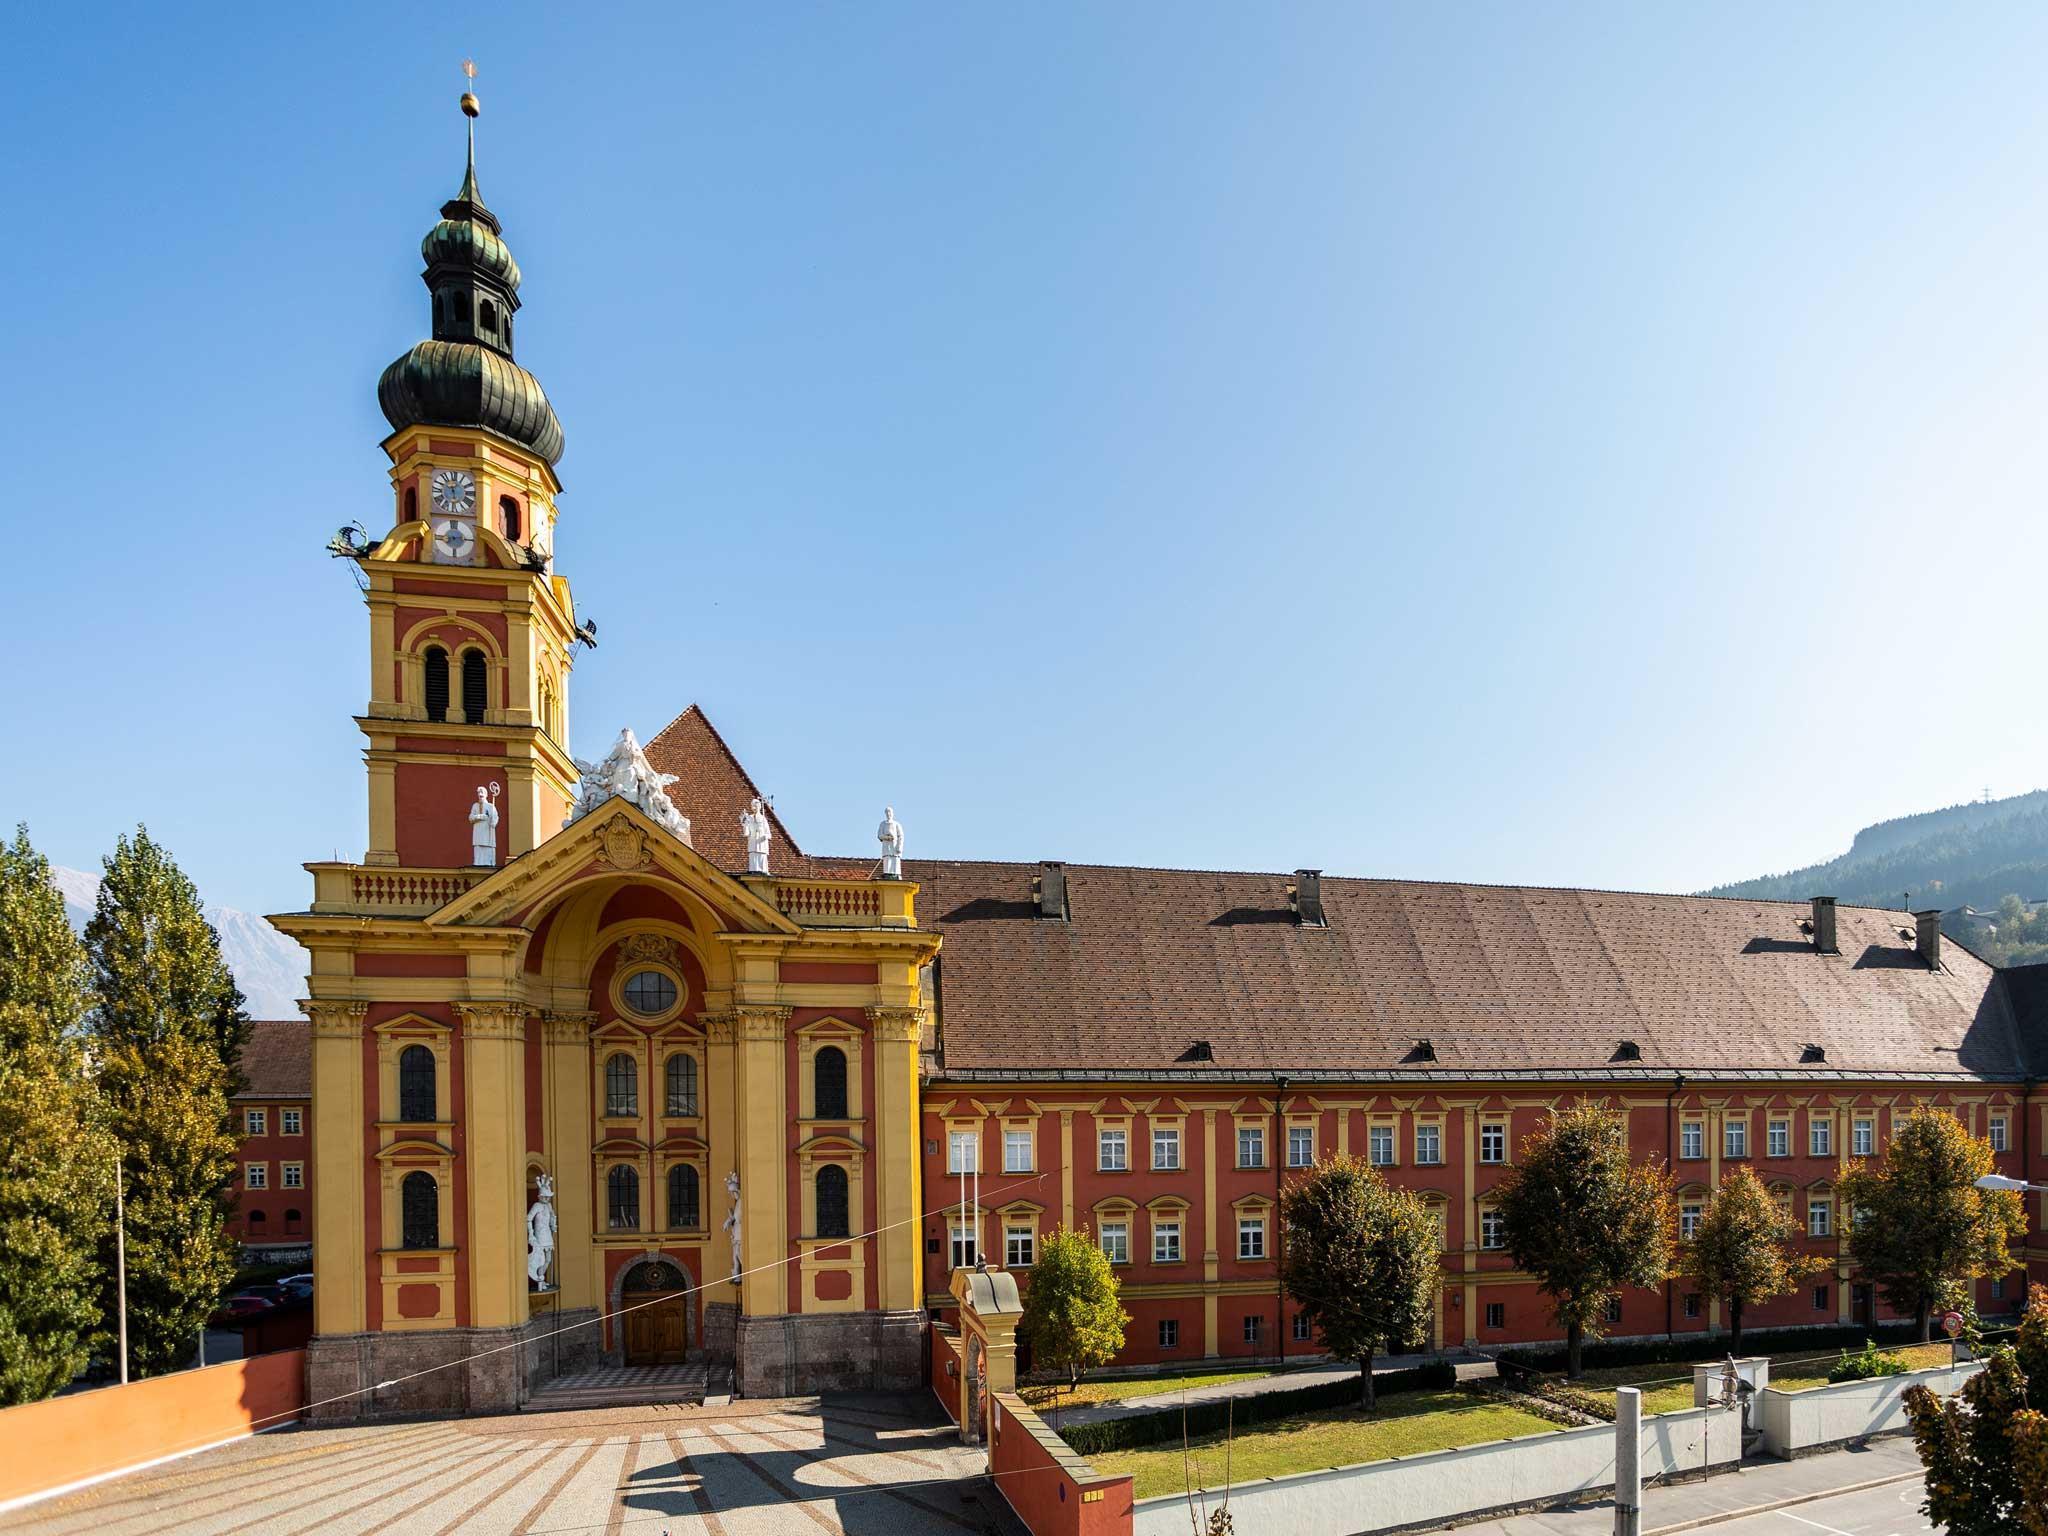 Stiftskirche Stiftsmuseum Wilten